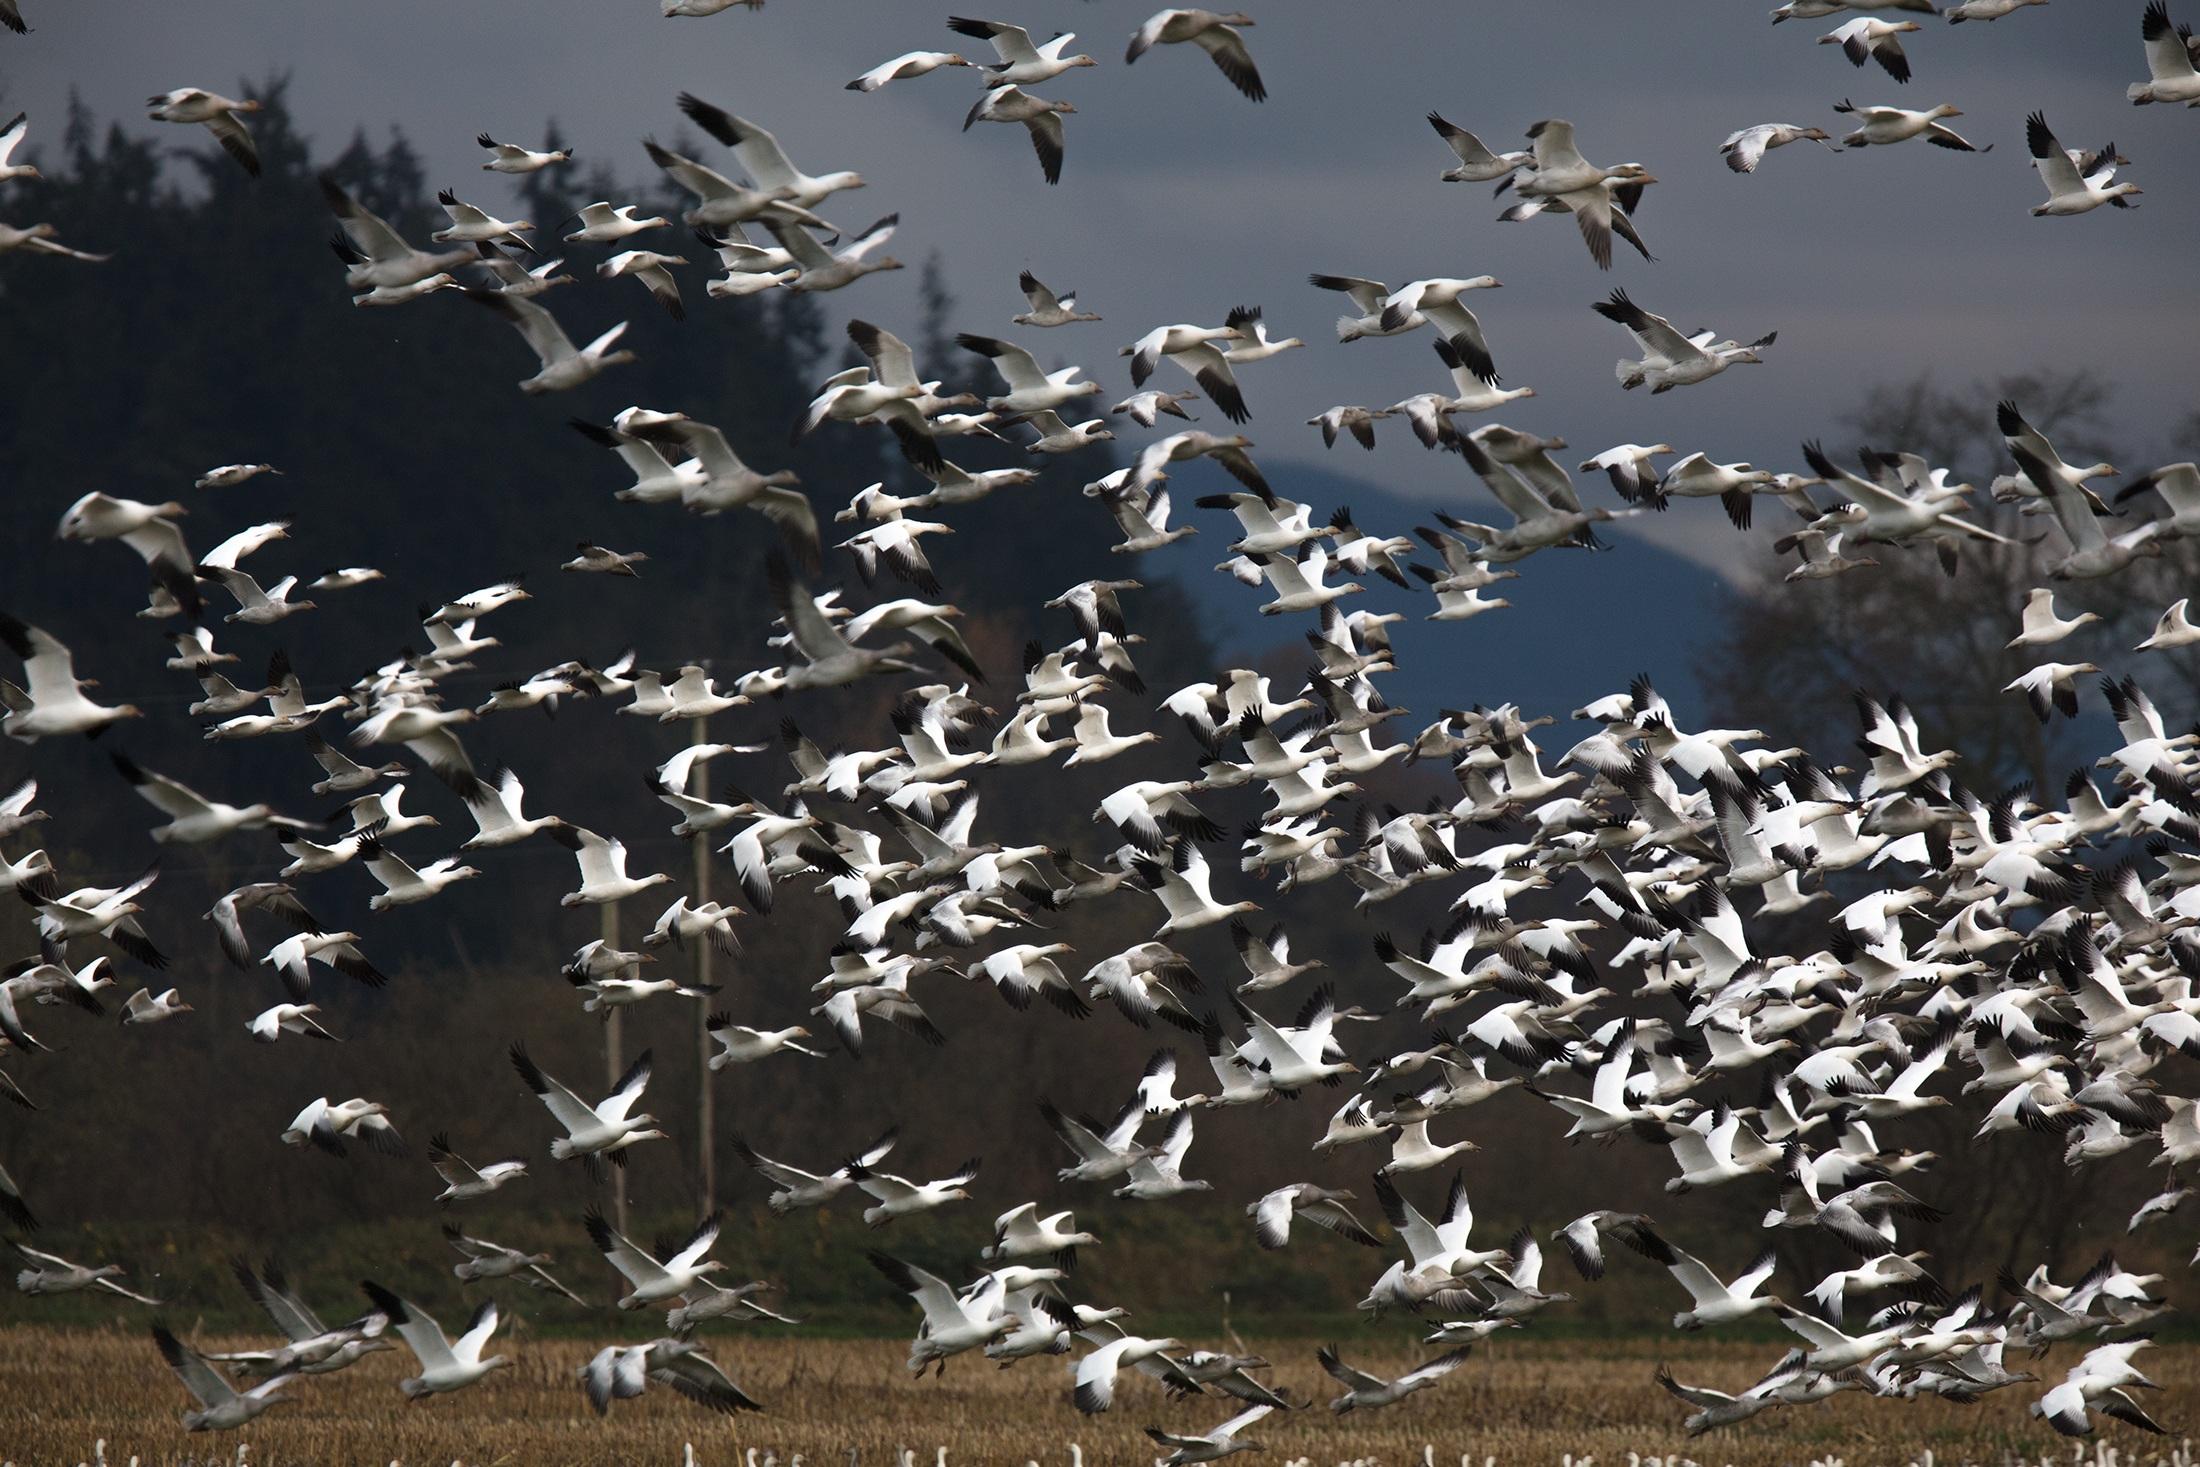 snow-geese in flight